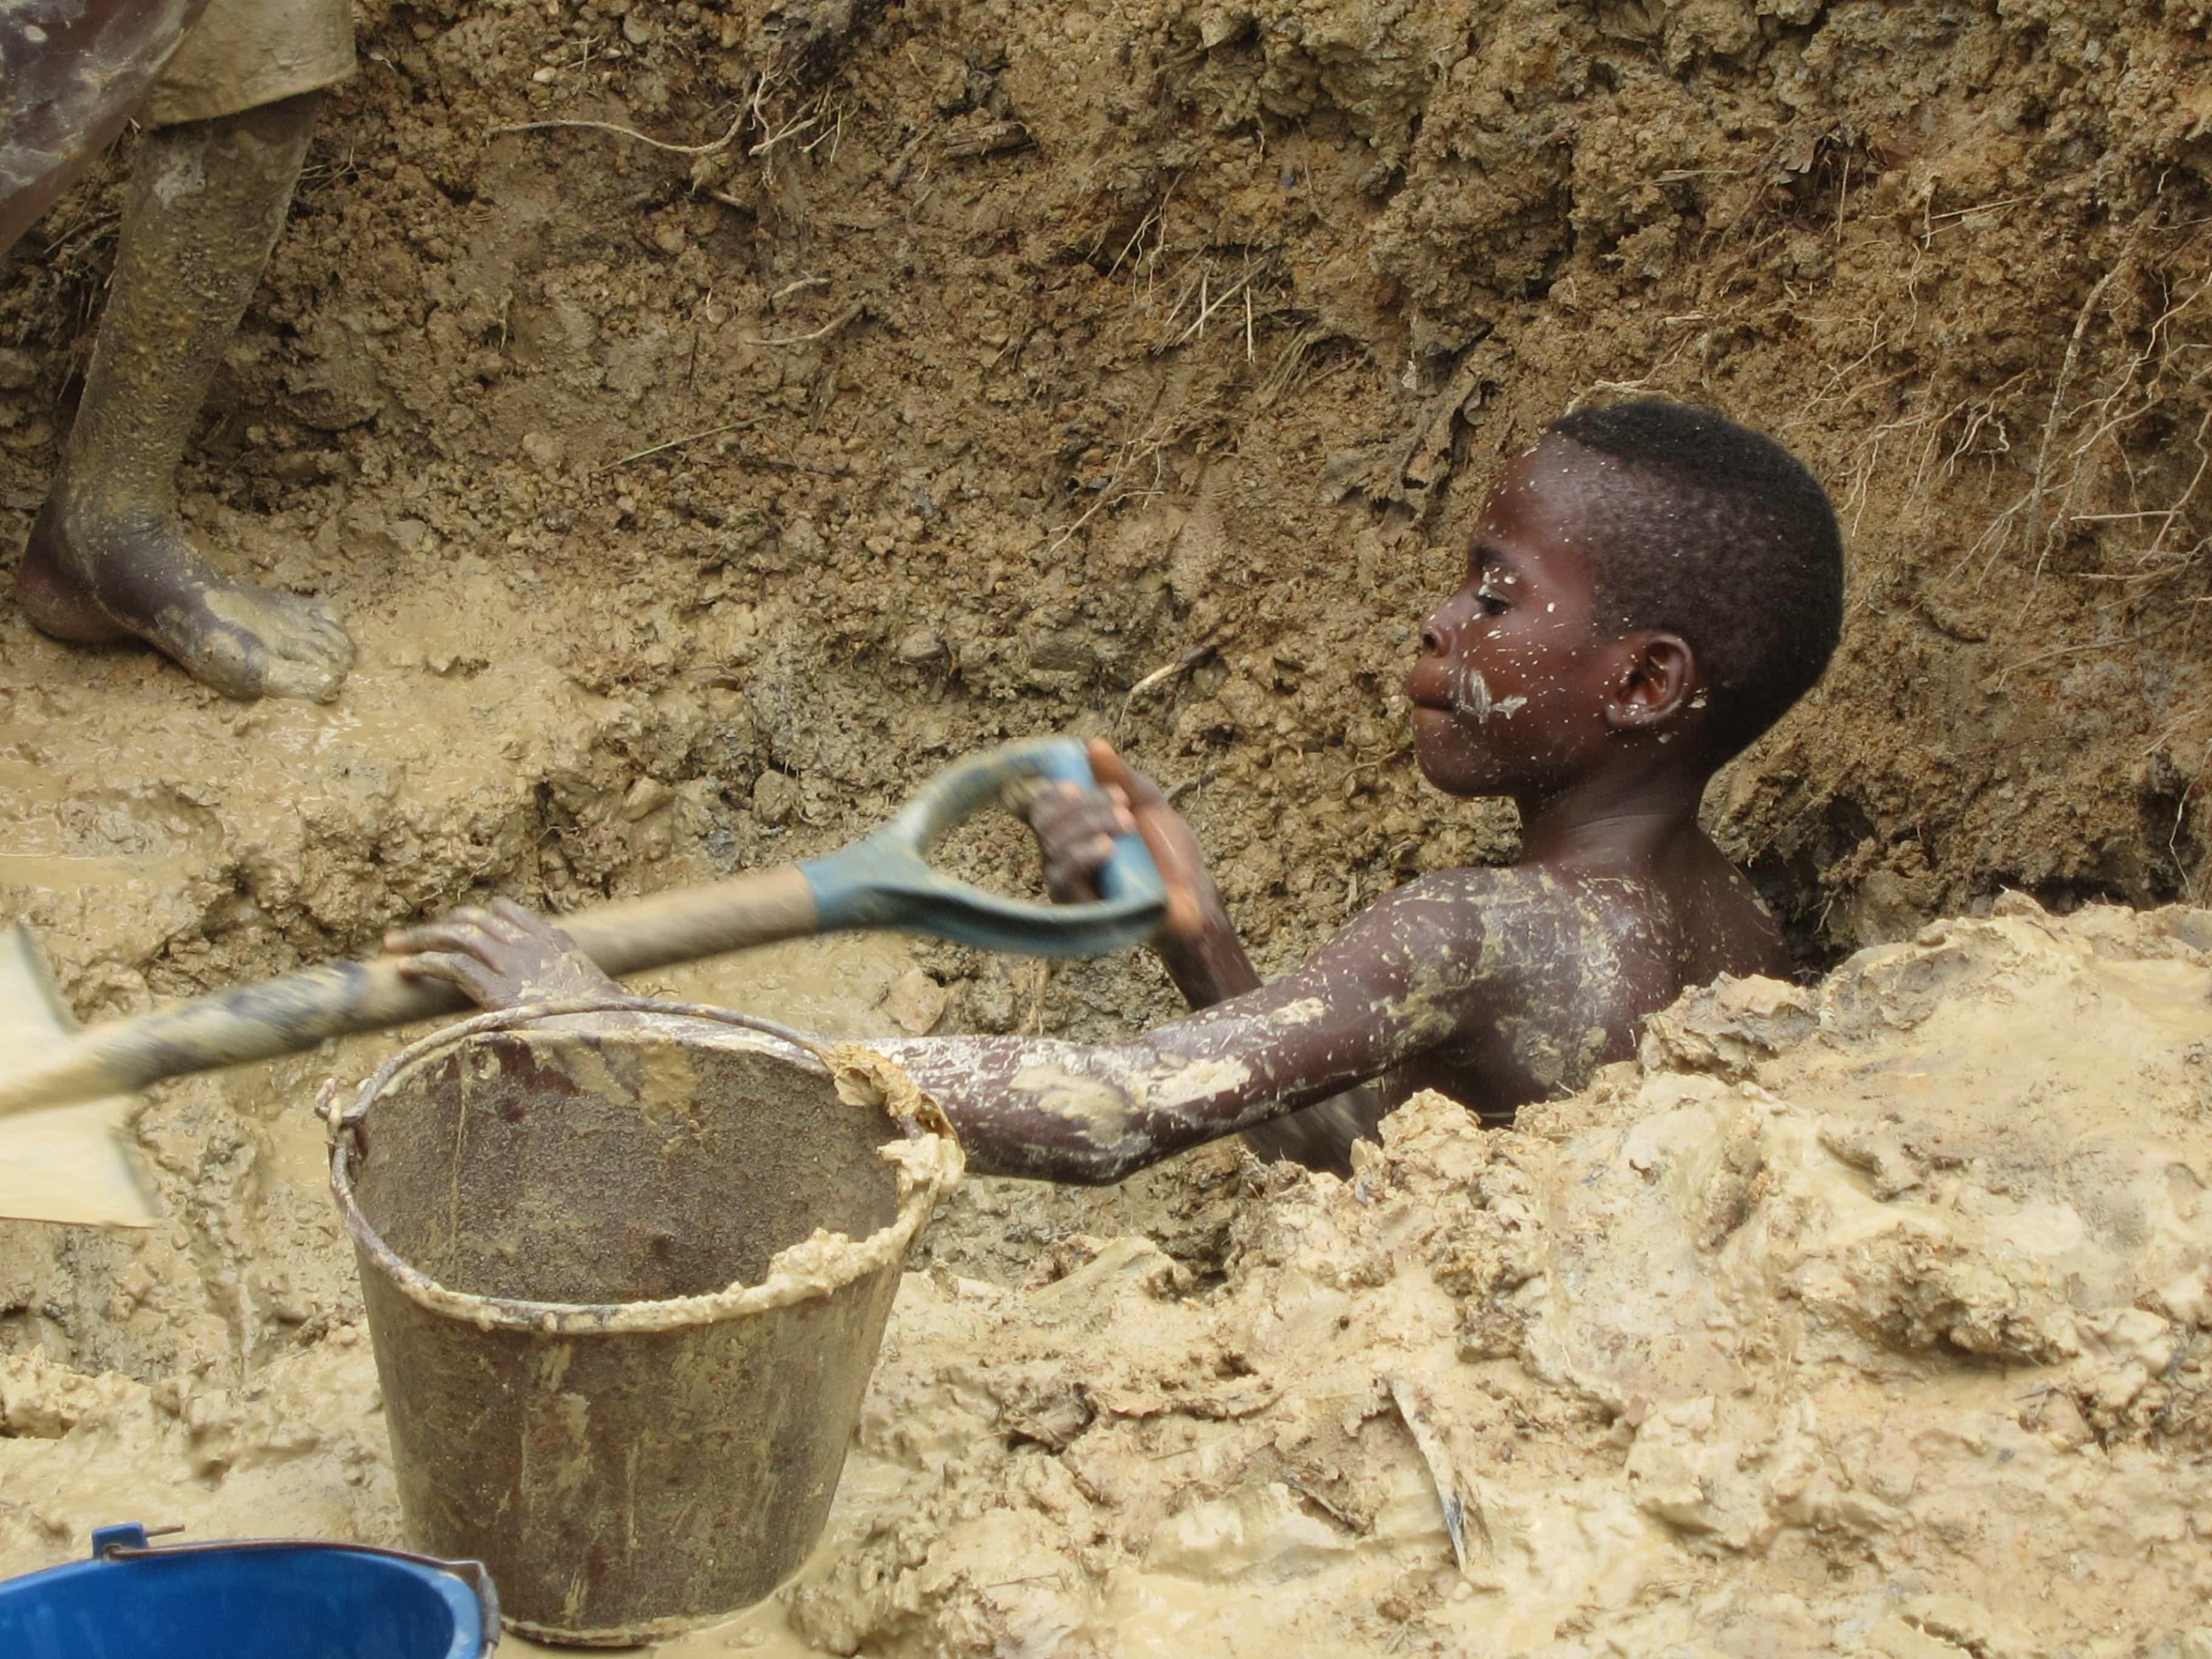 Mobil-producenter-sikrer-sig-ikke-mod-børnearbejde-2